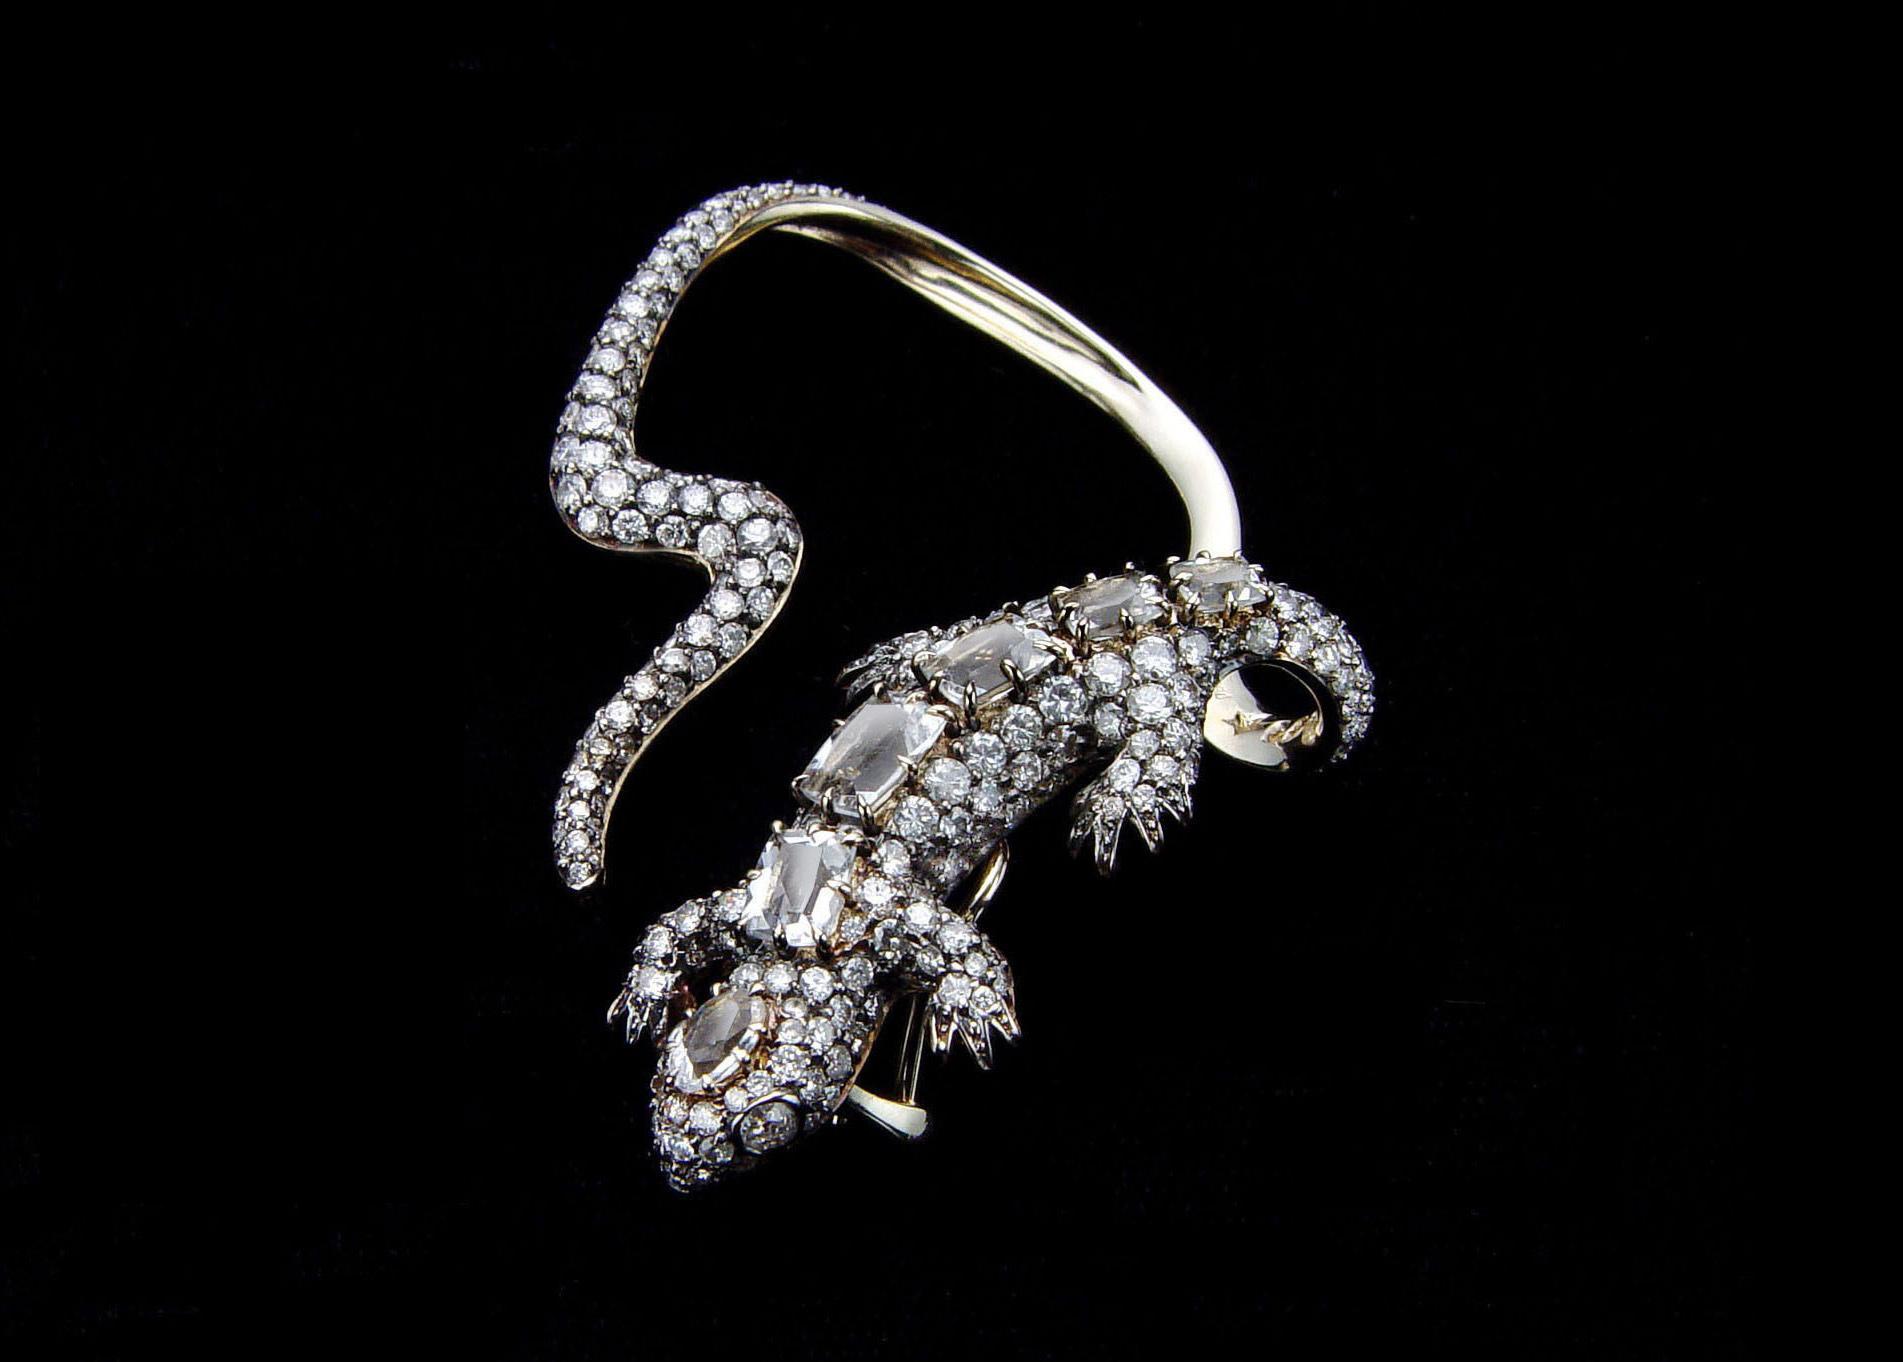 Brincos Lizard de Ouro Nobre com diamantes e cristais de rocha